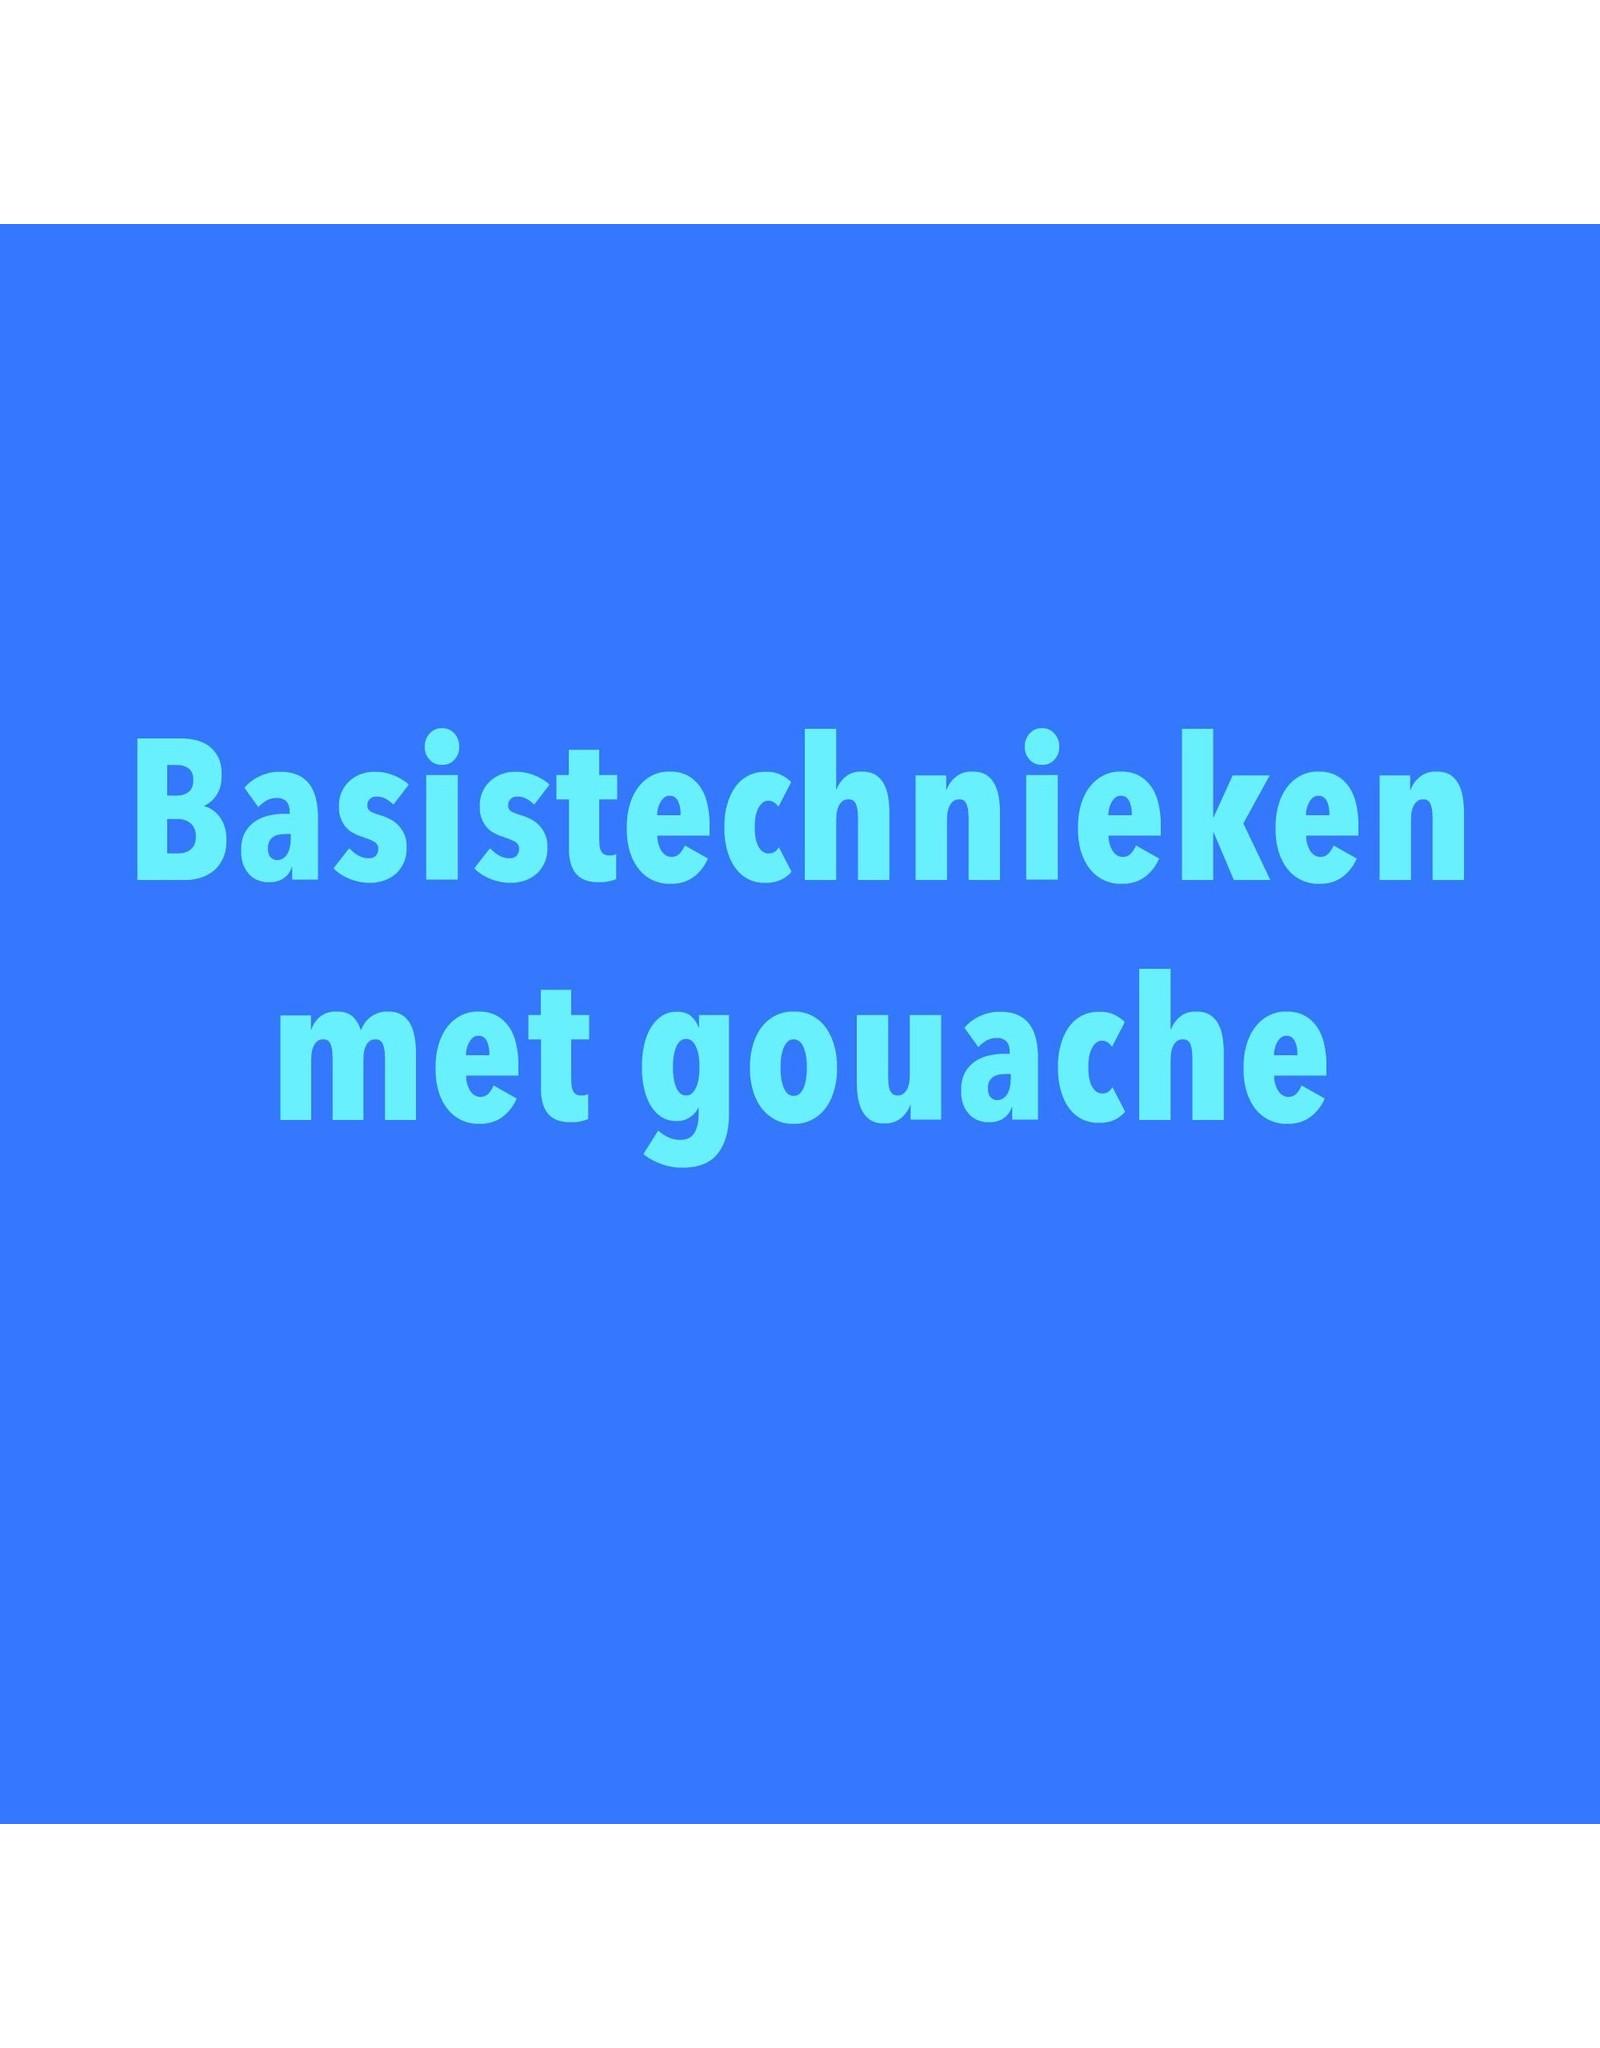 Basistechnieken met gouache - Dinsdag 24/11 van 19.30u tot 22u